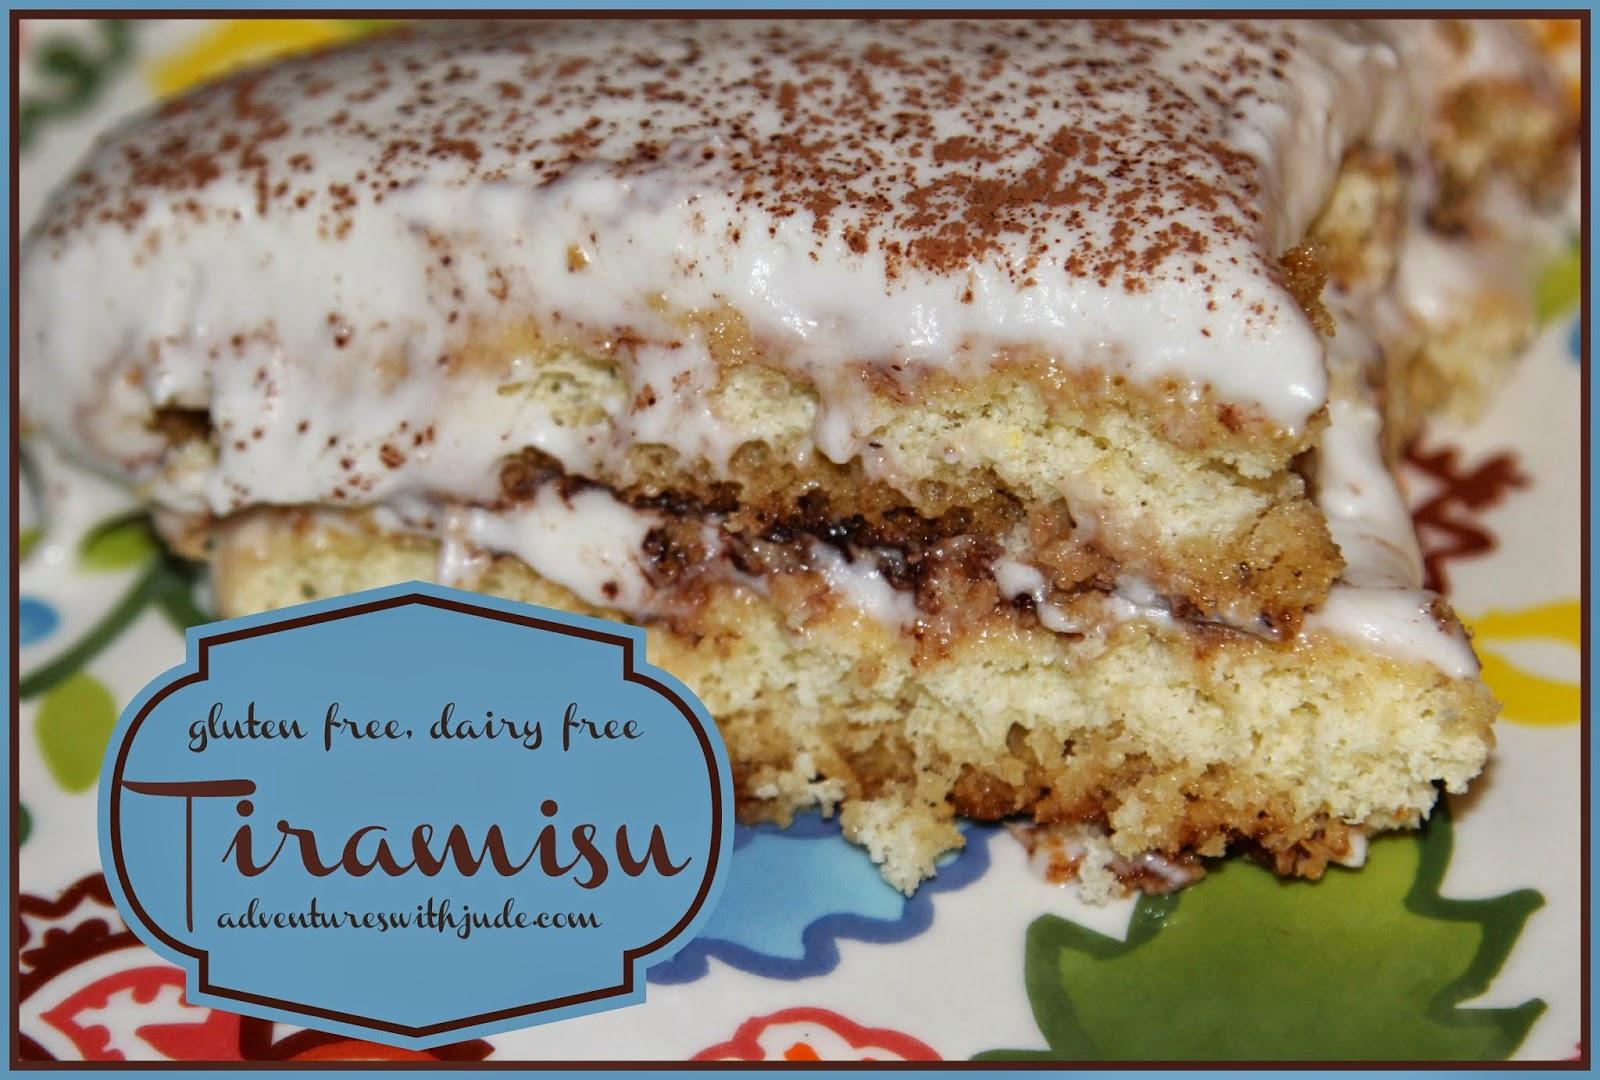 Gluten free, dairy free tiramisu